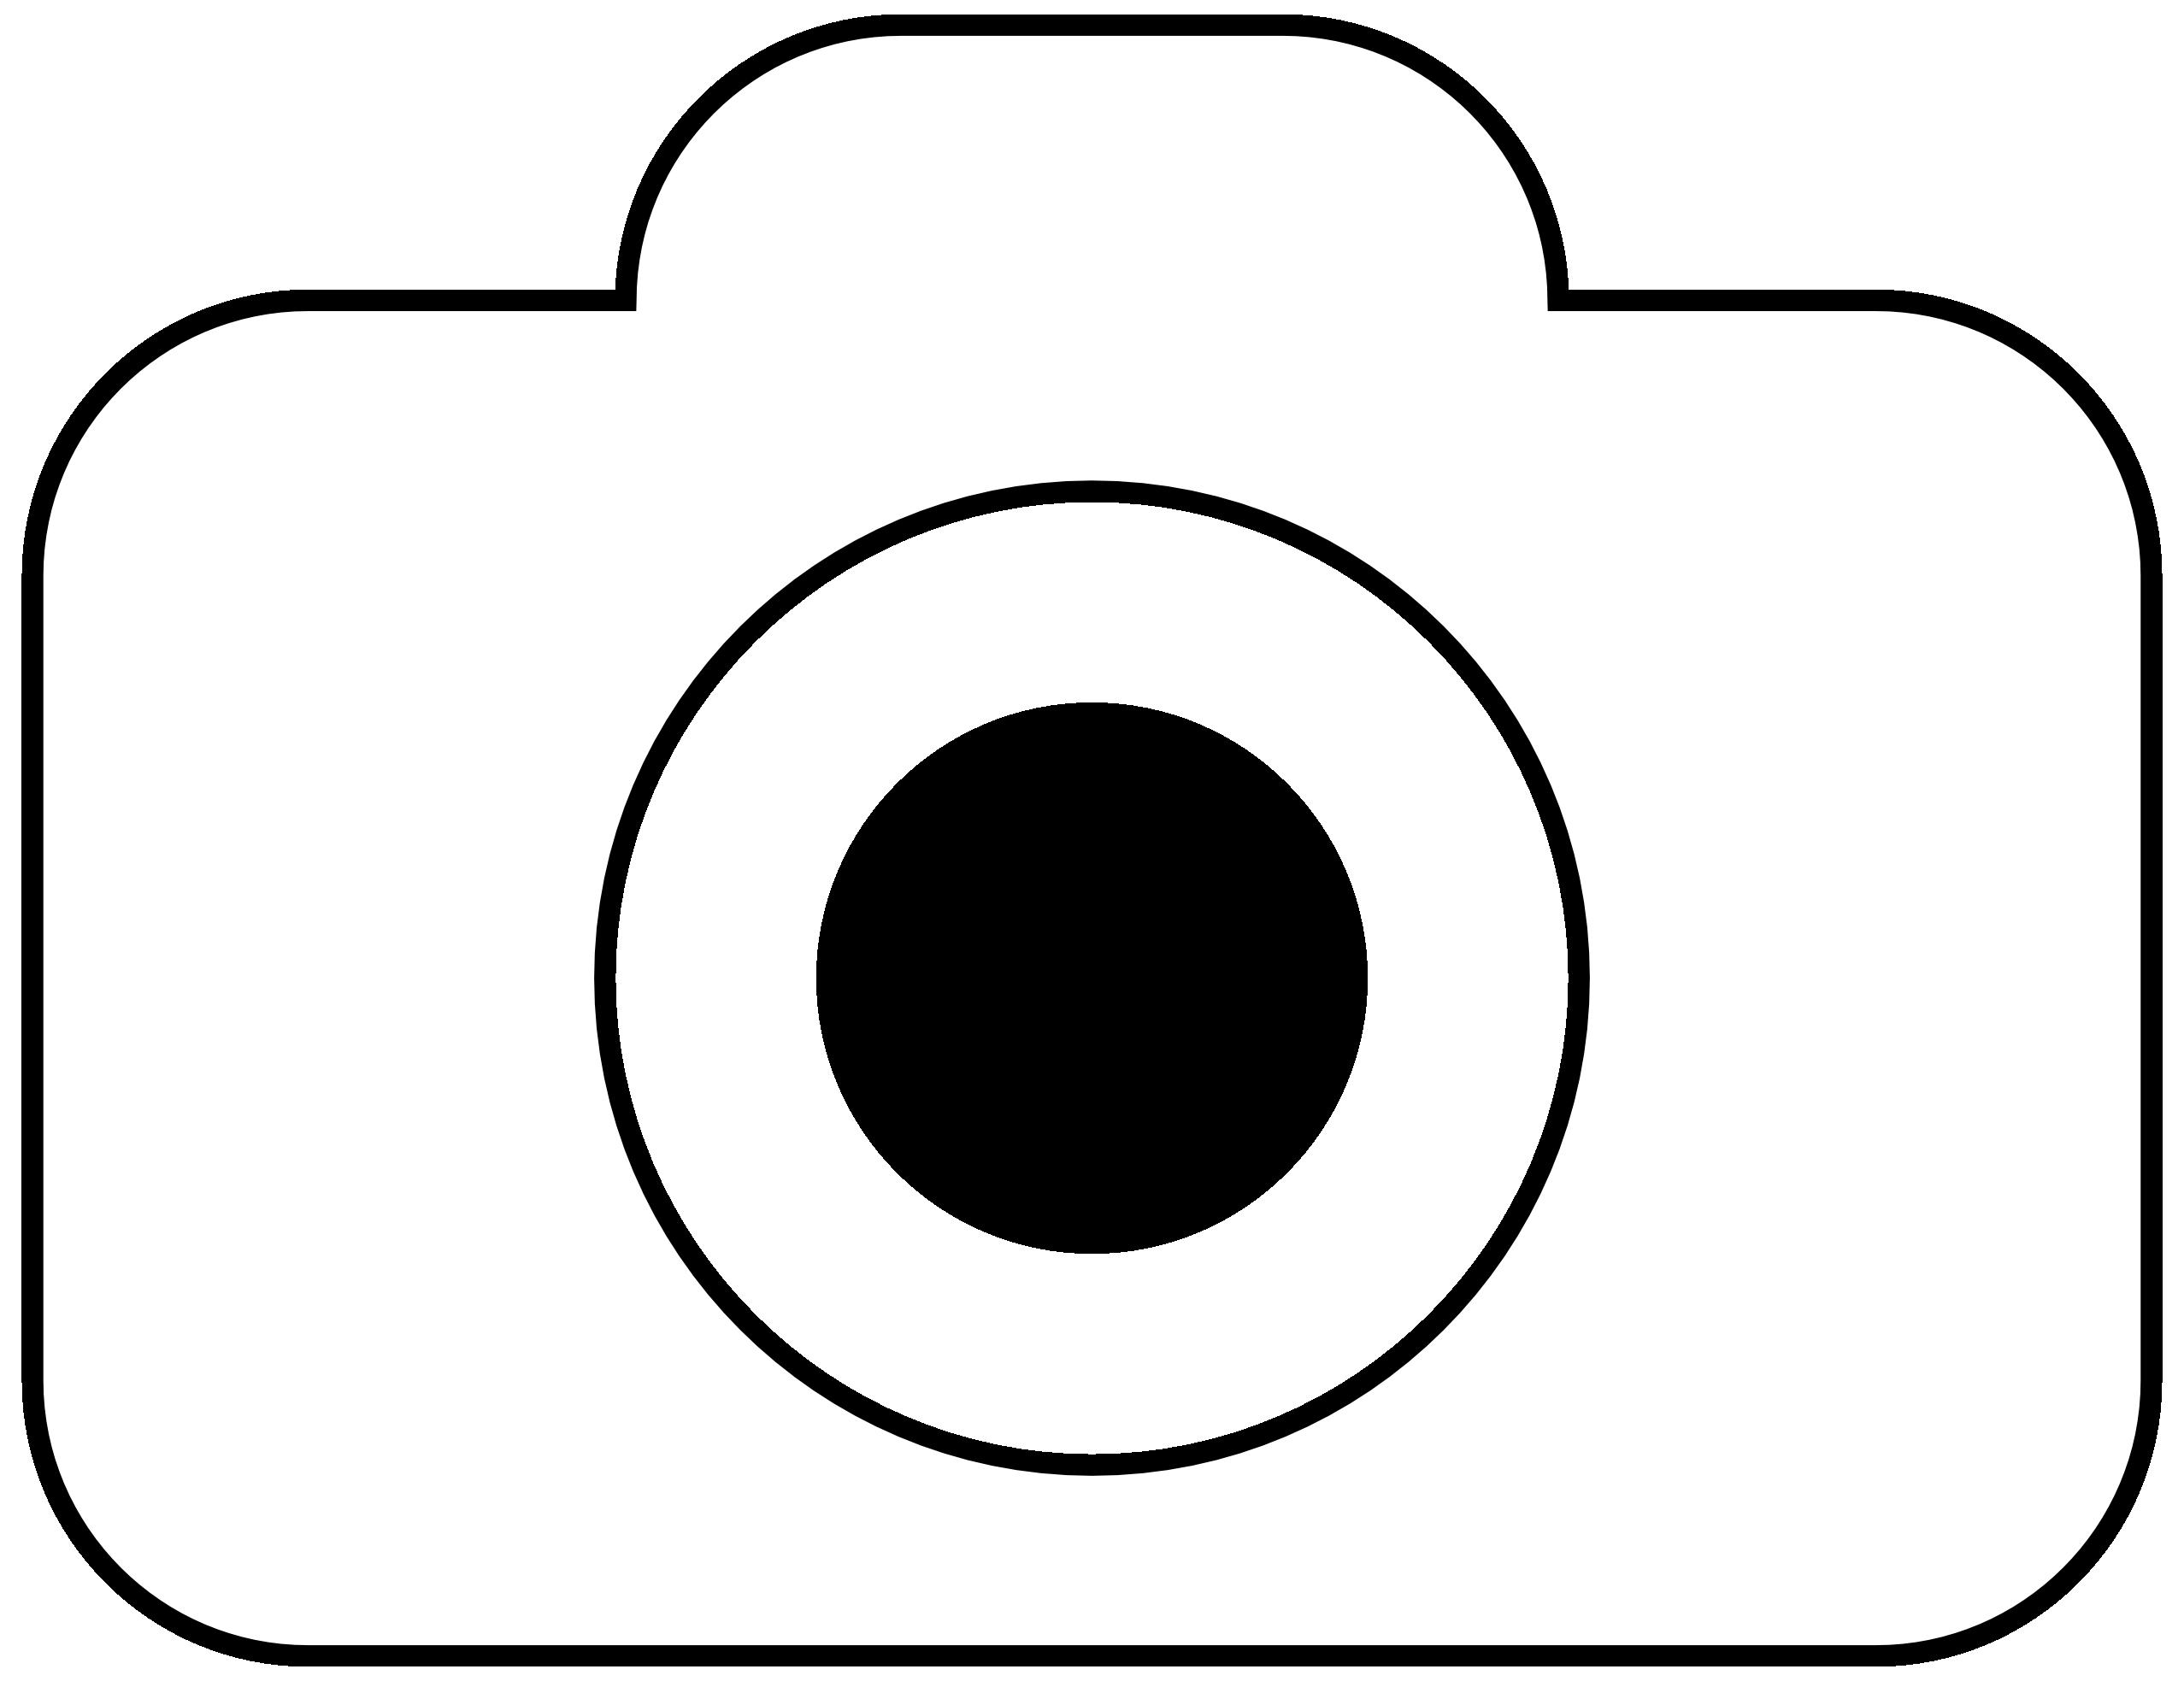 Square clipart icon. Film black and white